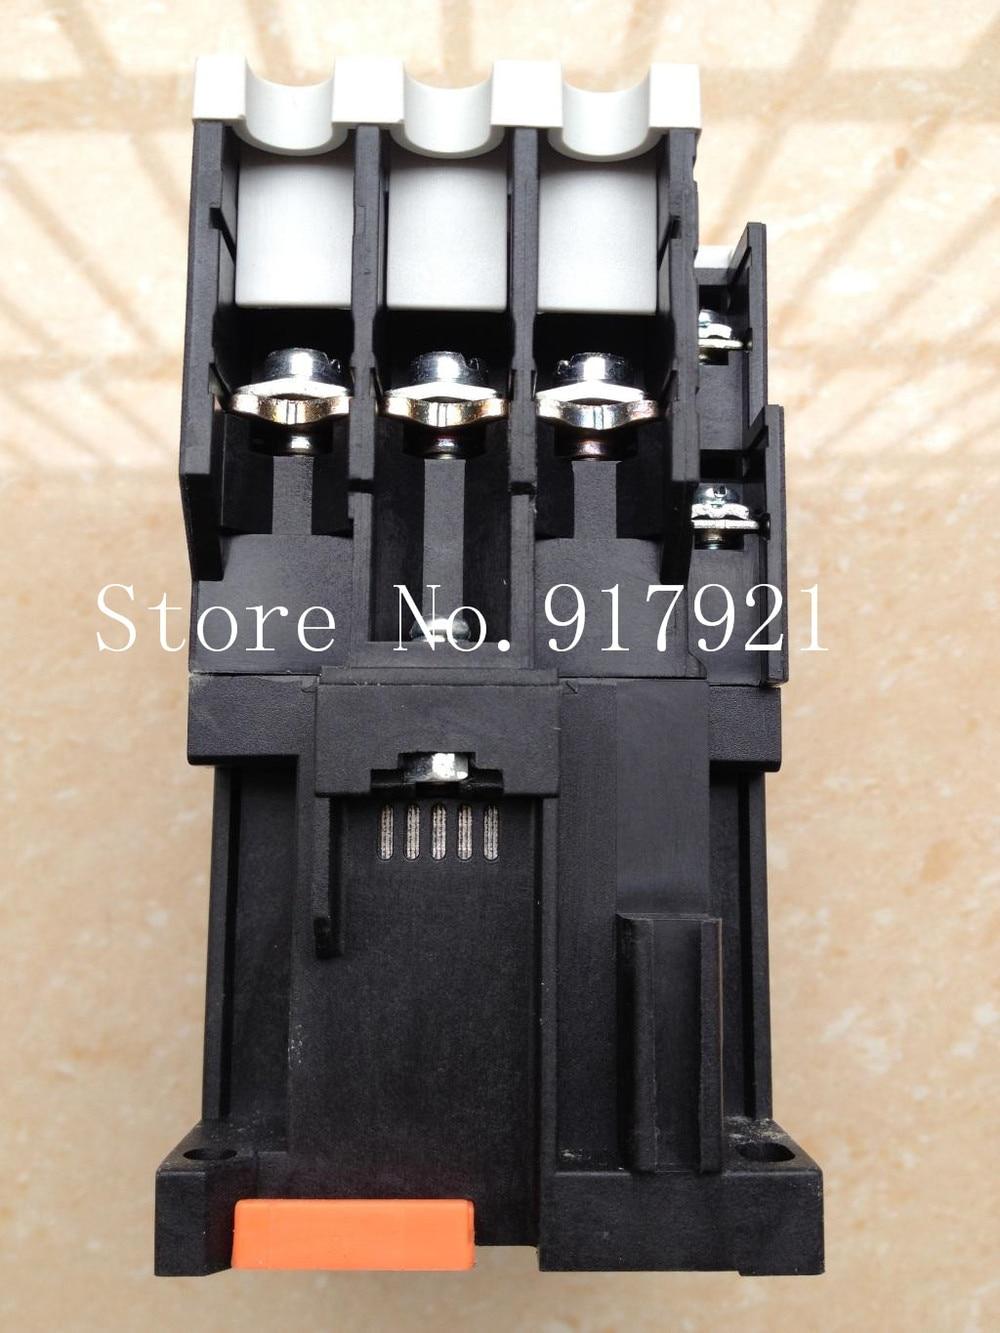 ФОТО [ZOB] Hagrid EW030-C AC contactor 220V 223741  --2pcs/lot